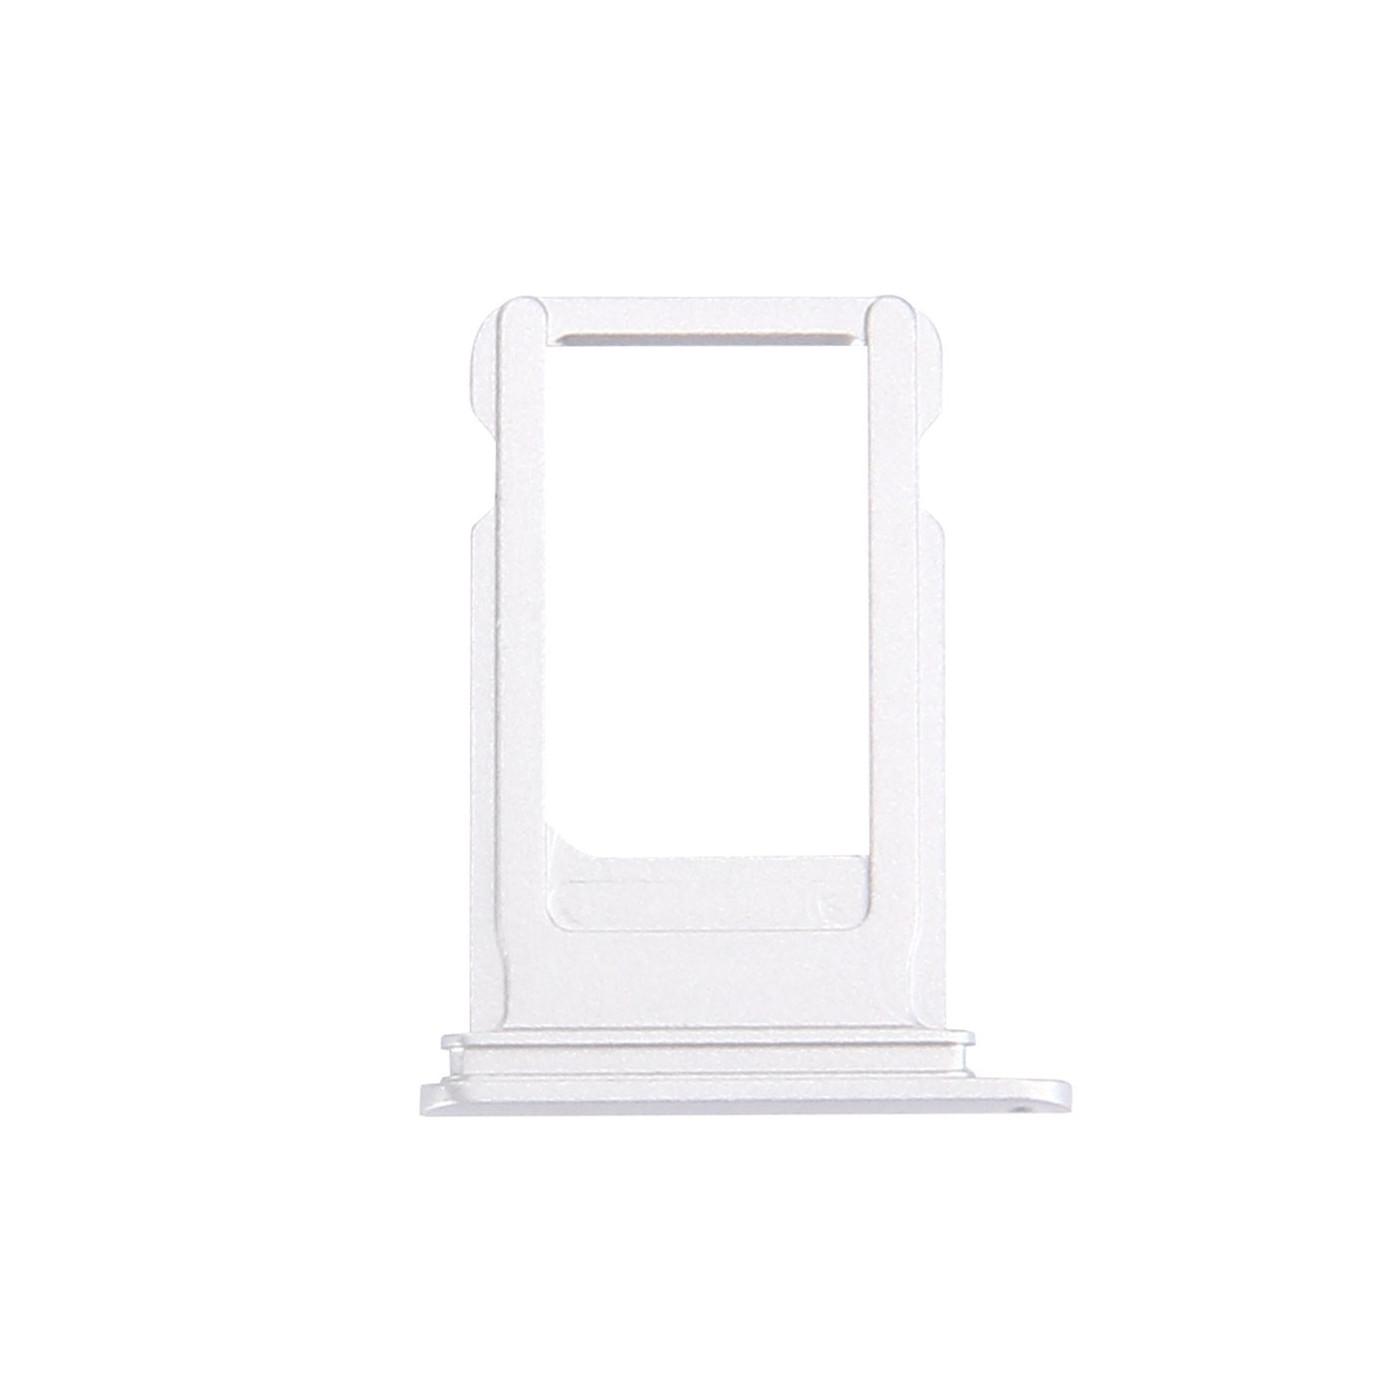 CARTE SIM CARTE iPhone 7 PLUS Silver REMPLACEMENT DU PLATEAU SLL SLIDE TROLLEY